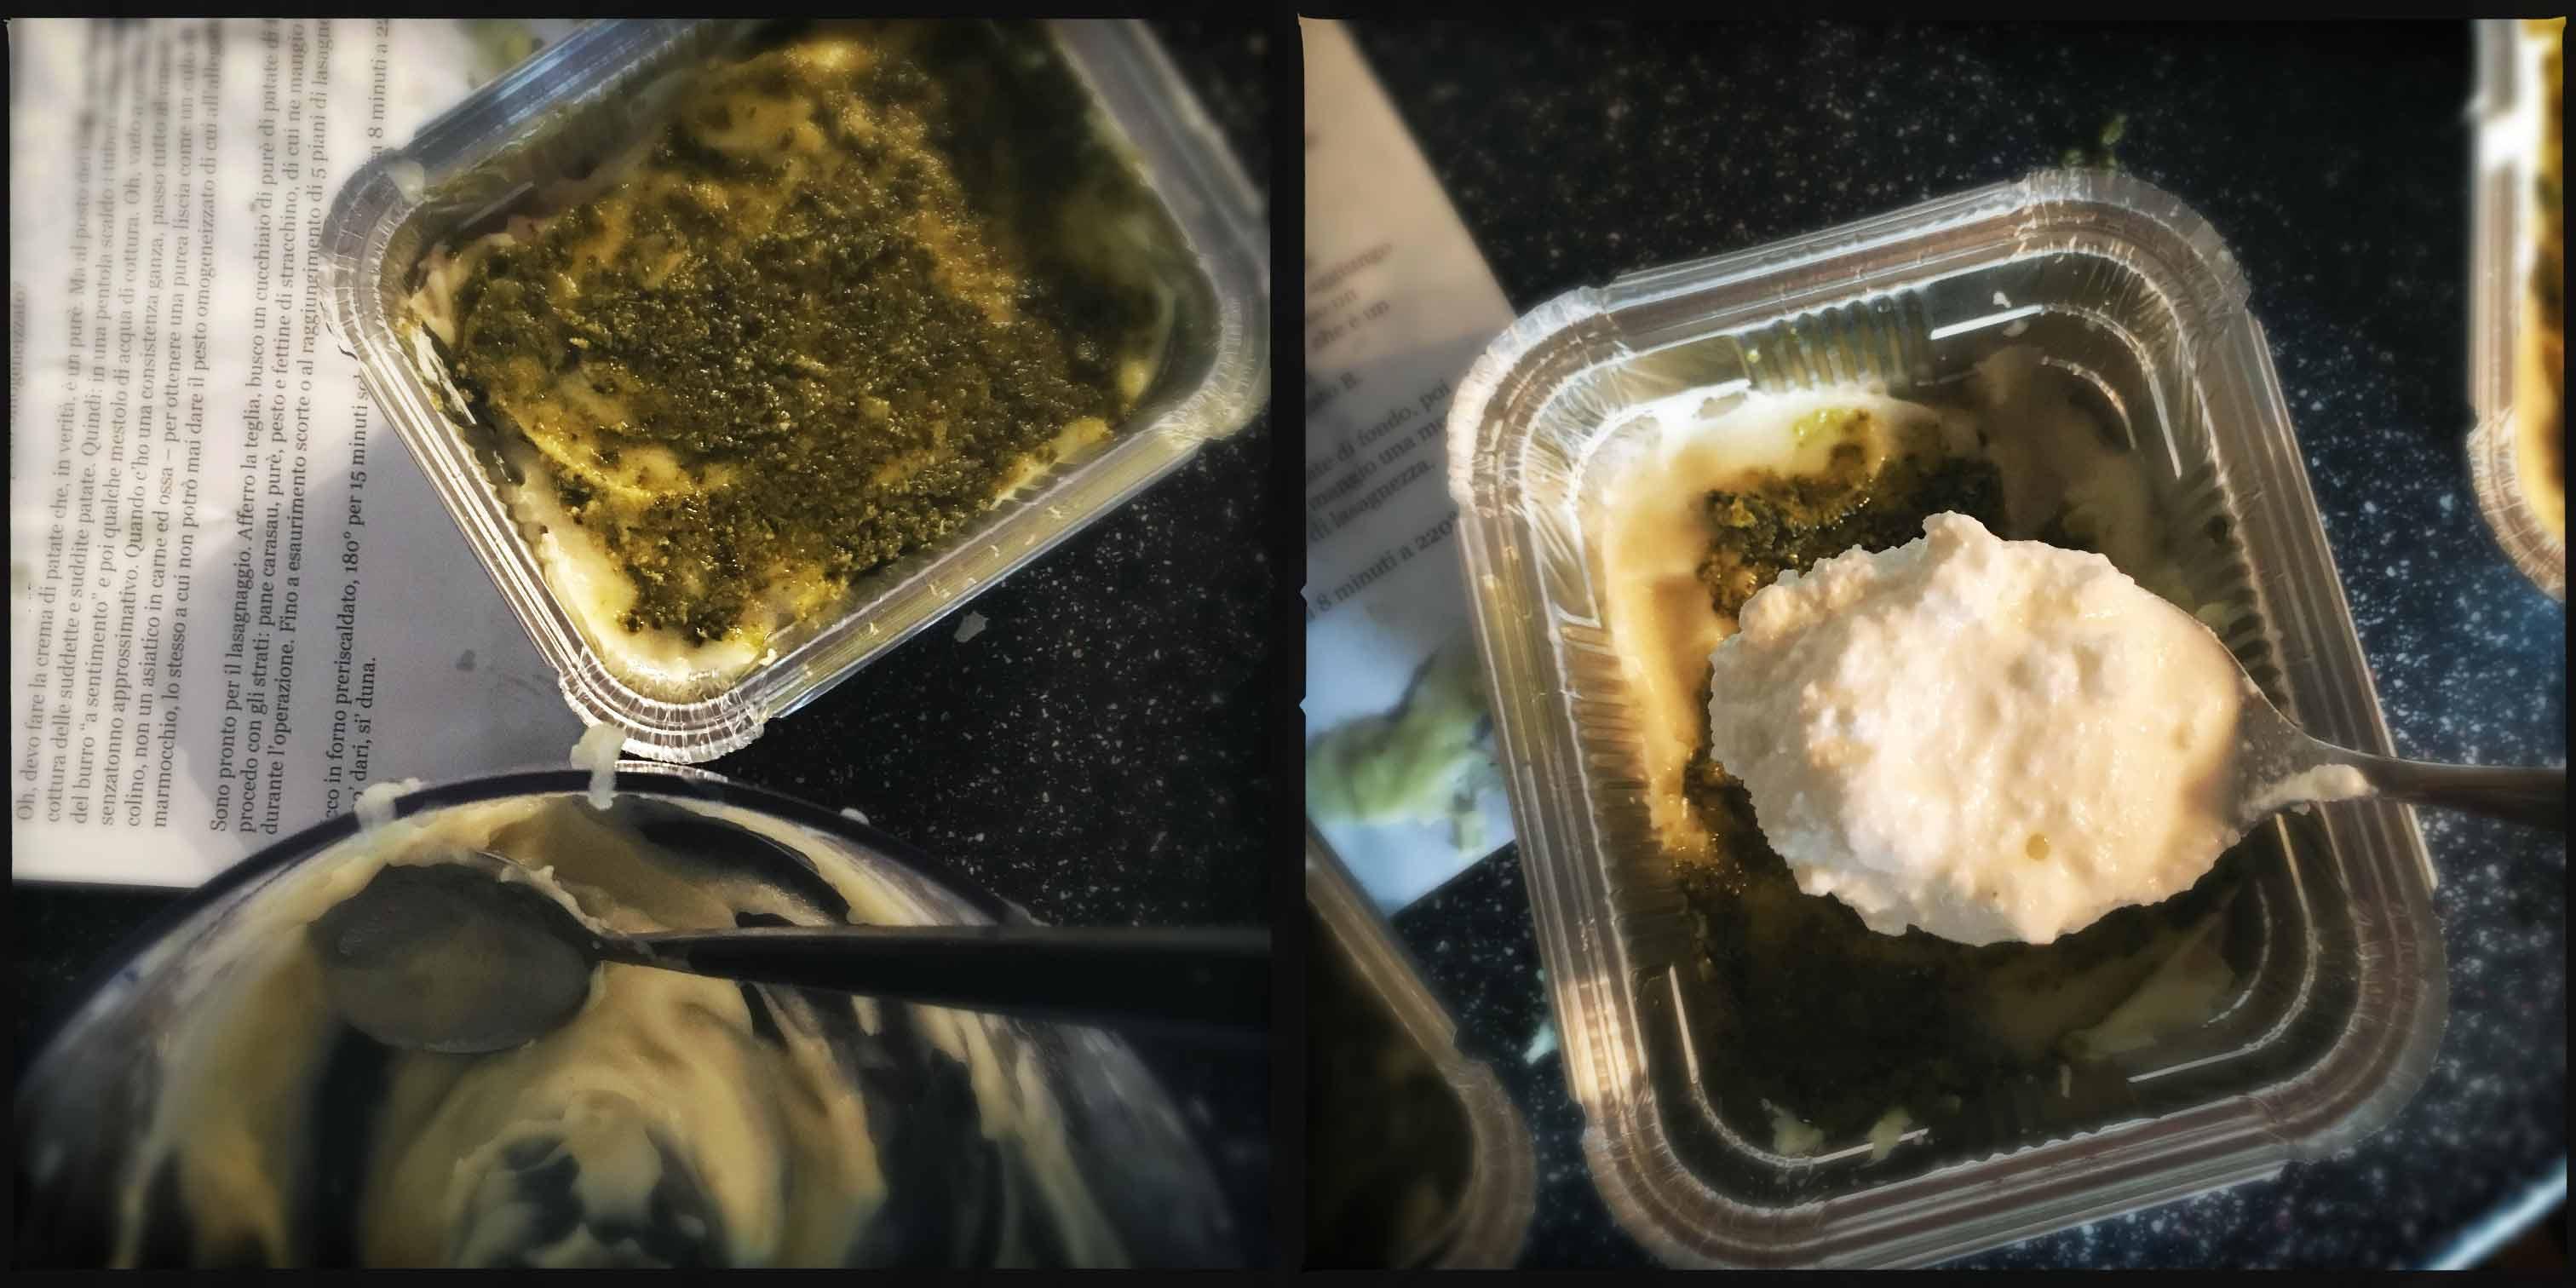 Lasagne di pane carasau con pesto alla genovese, crema di patate e prescinsoa